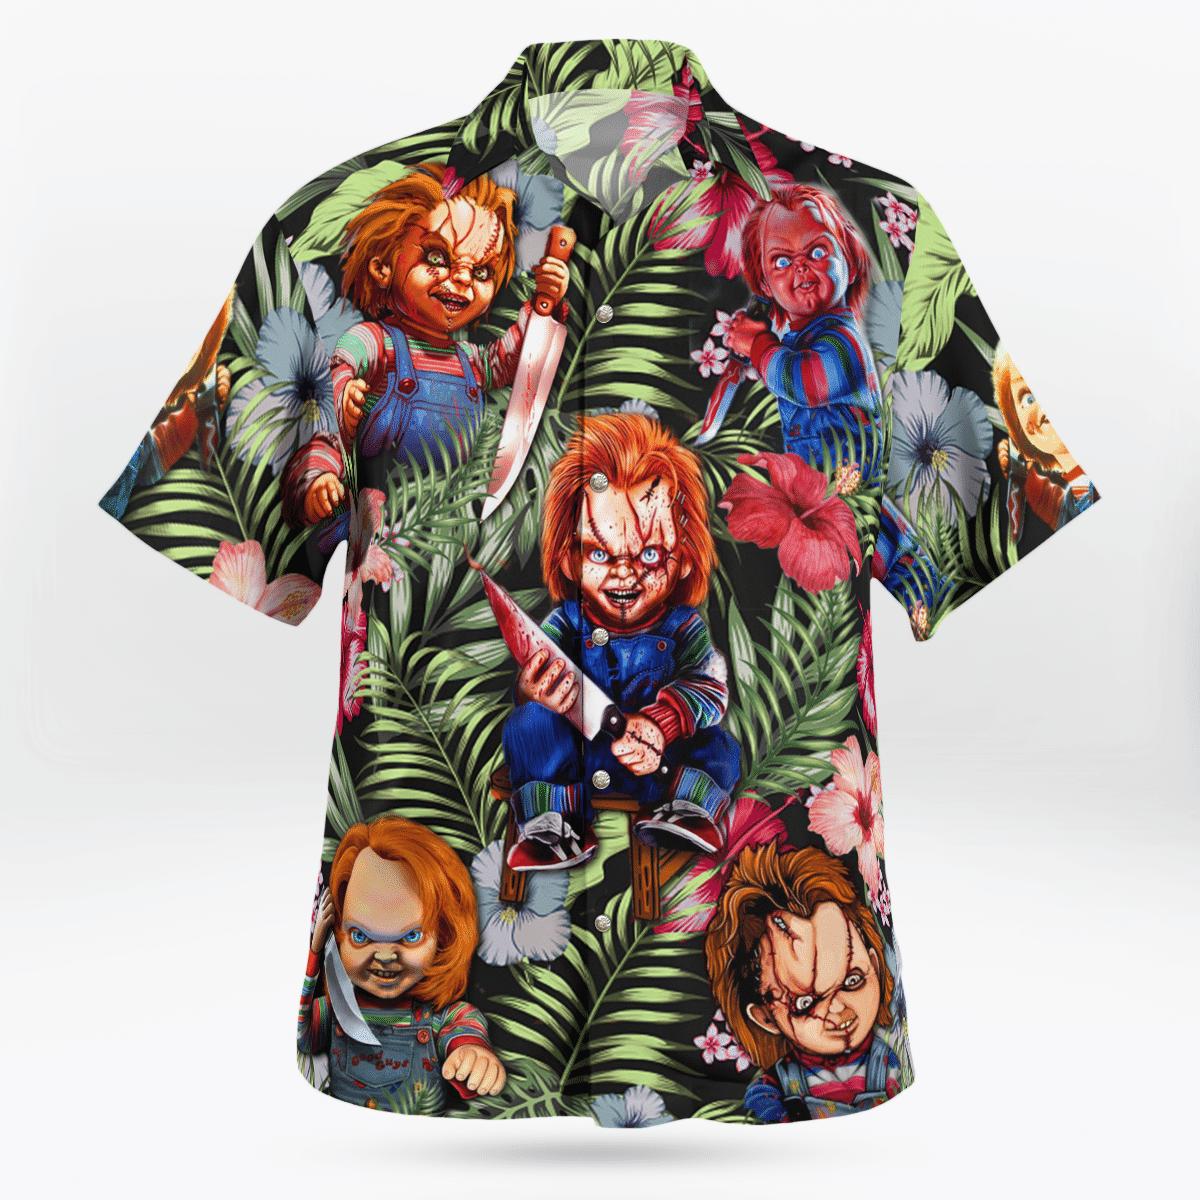 Chucky Just Wanna Have Fun Scream Hawaiian Shirt